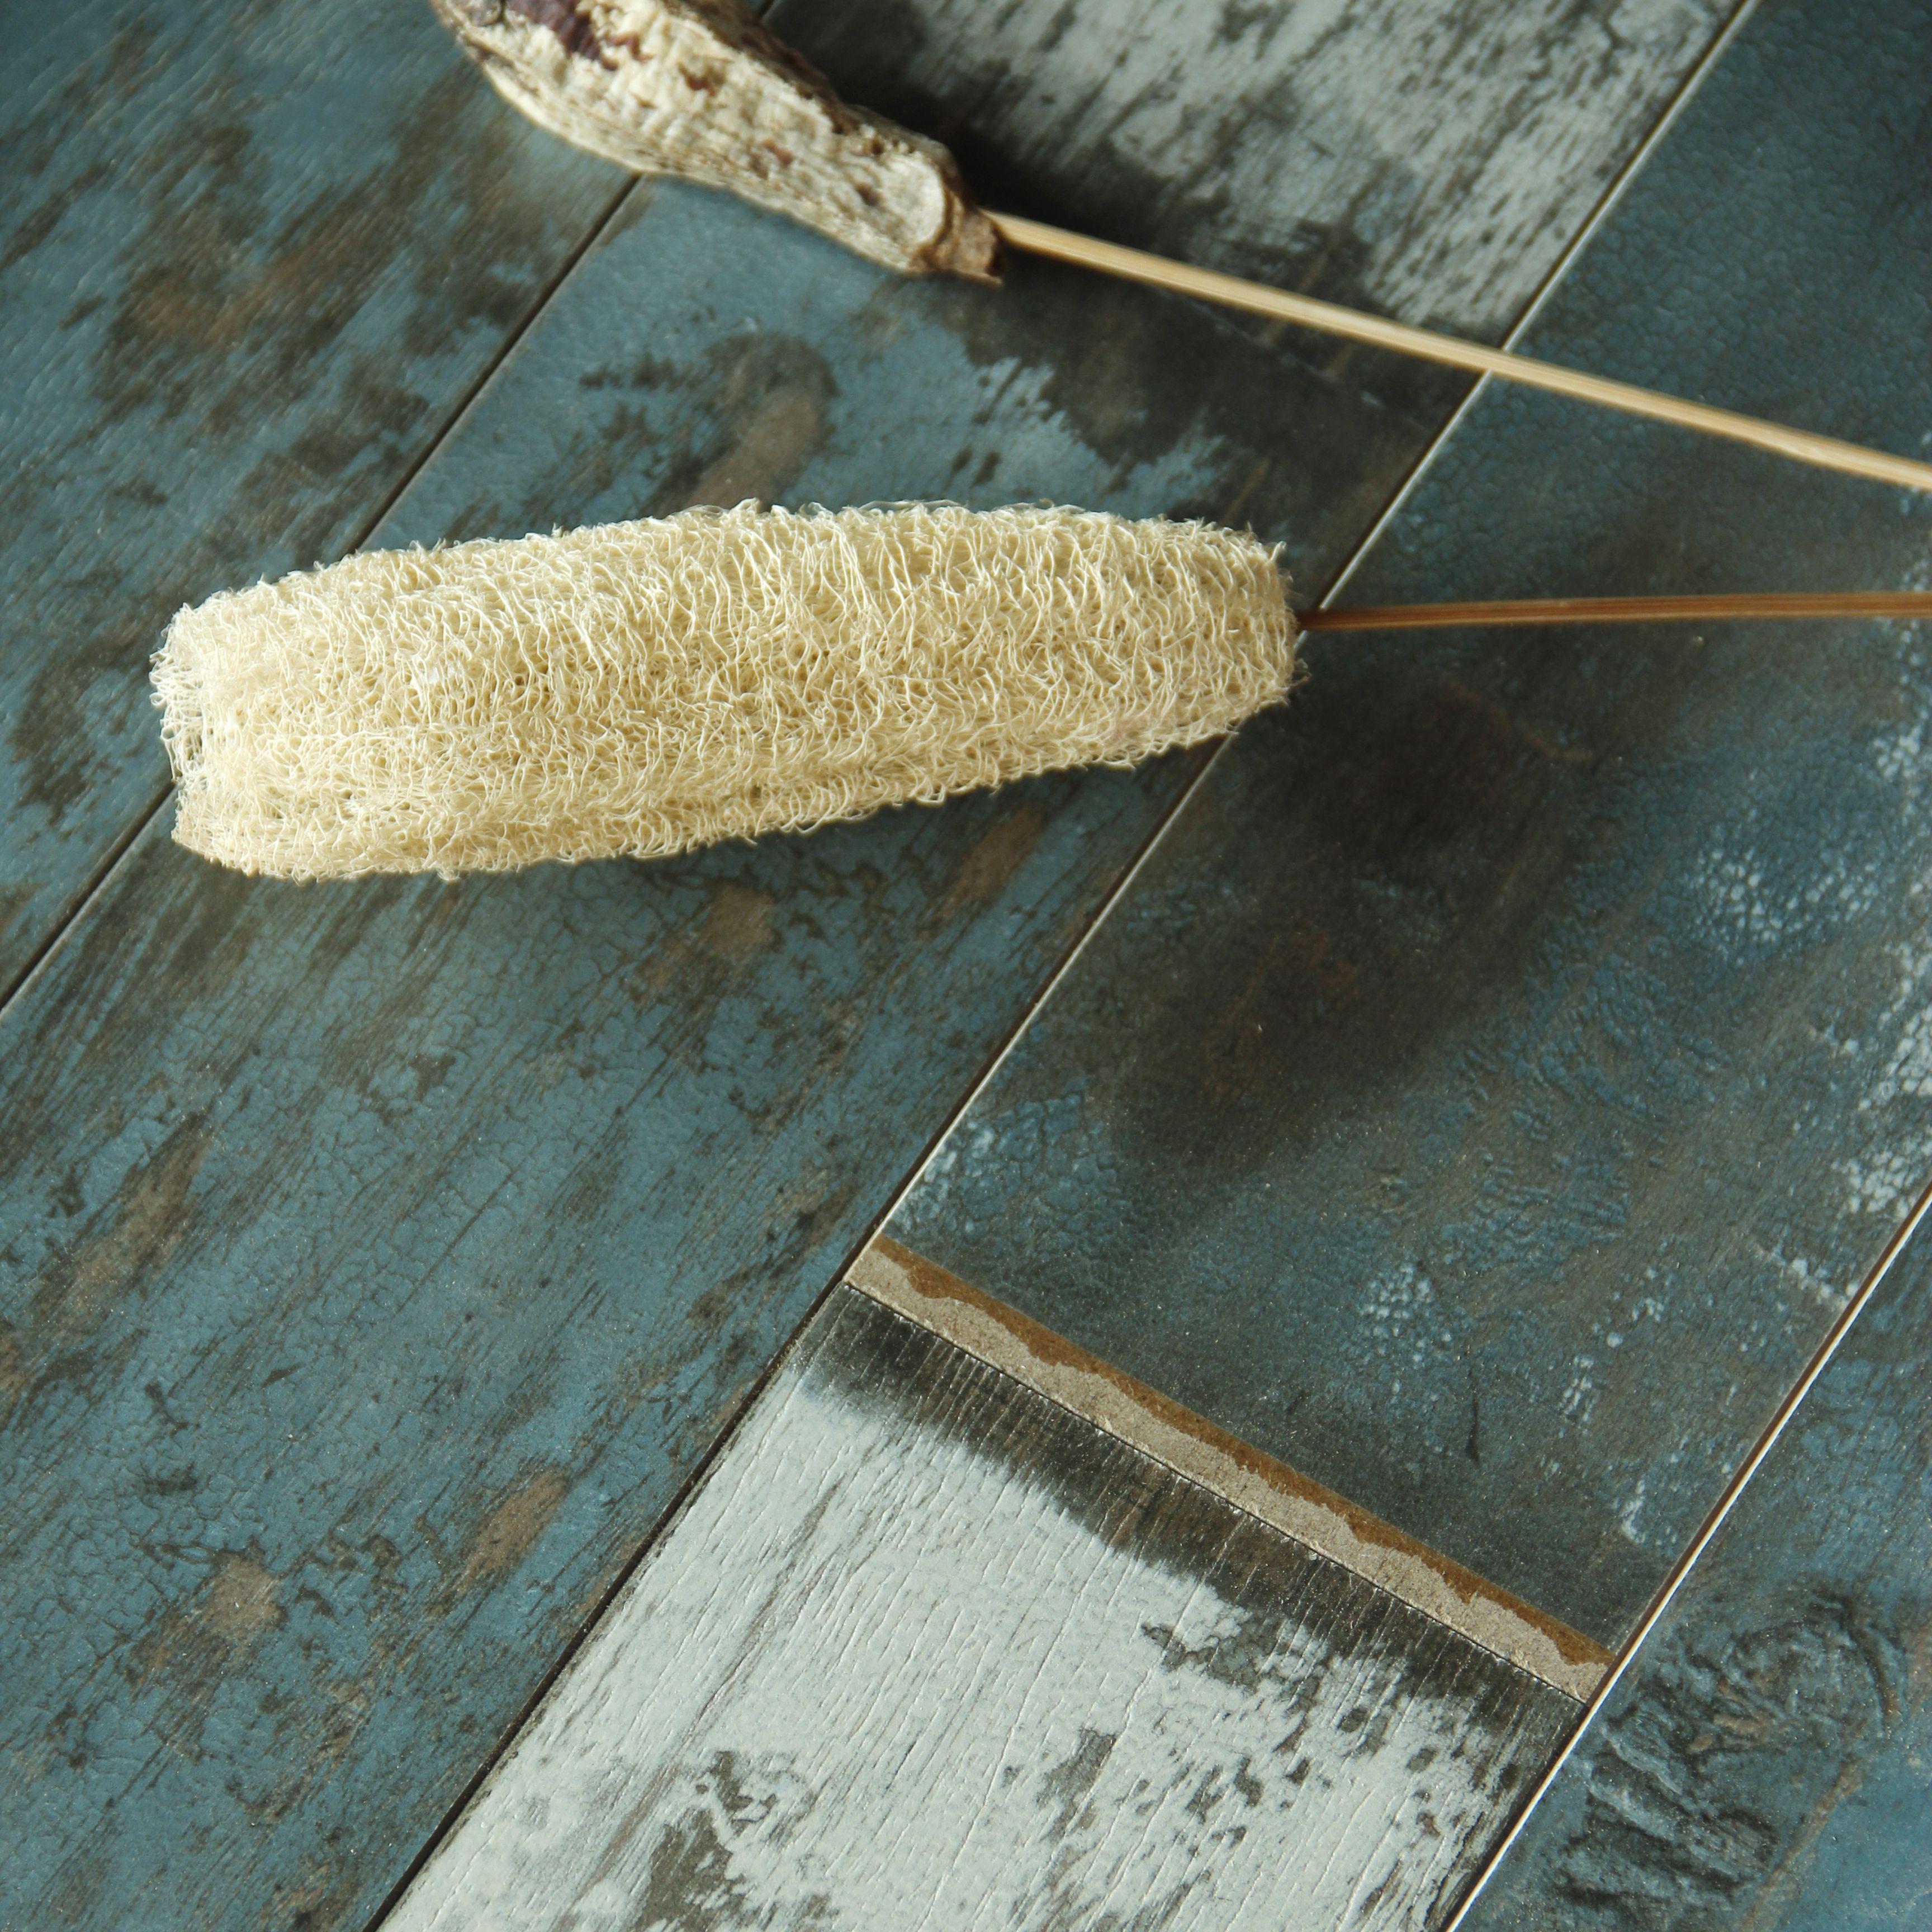 Imelda Atlantis Oak Effect Laminate Flooring 1 216 M² Pack Departments Diy At B Q